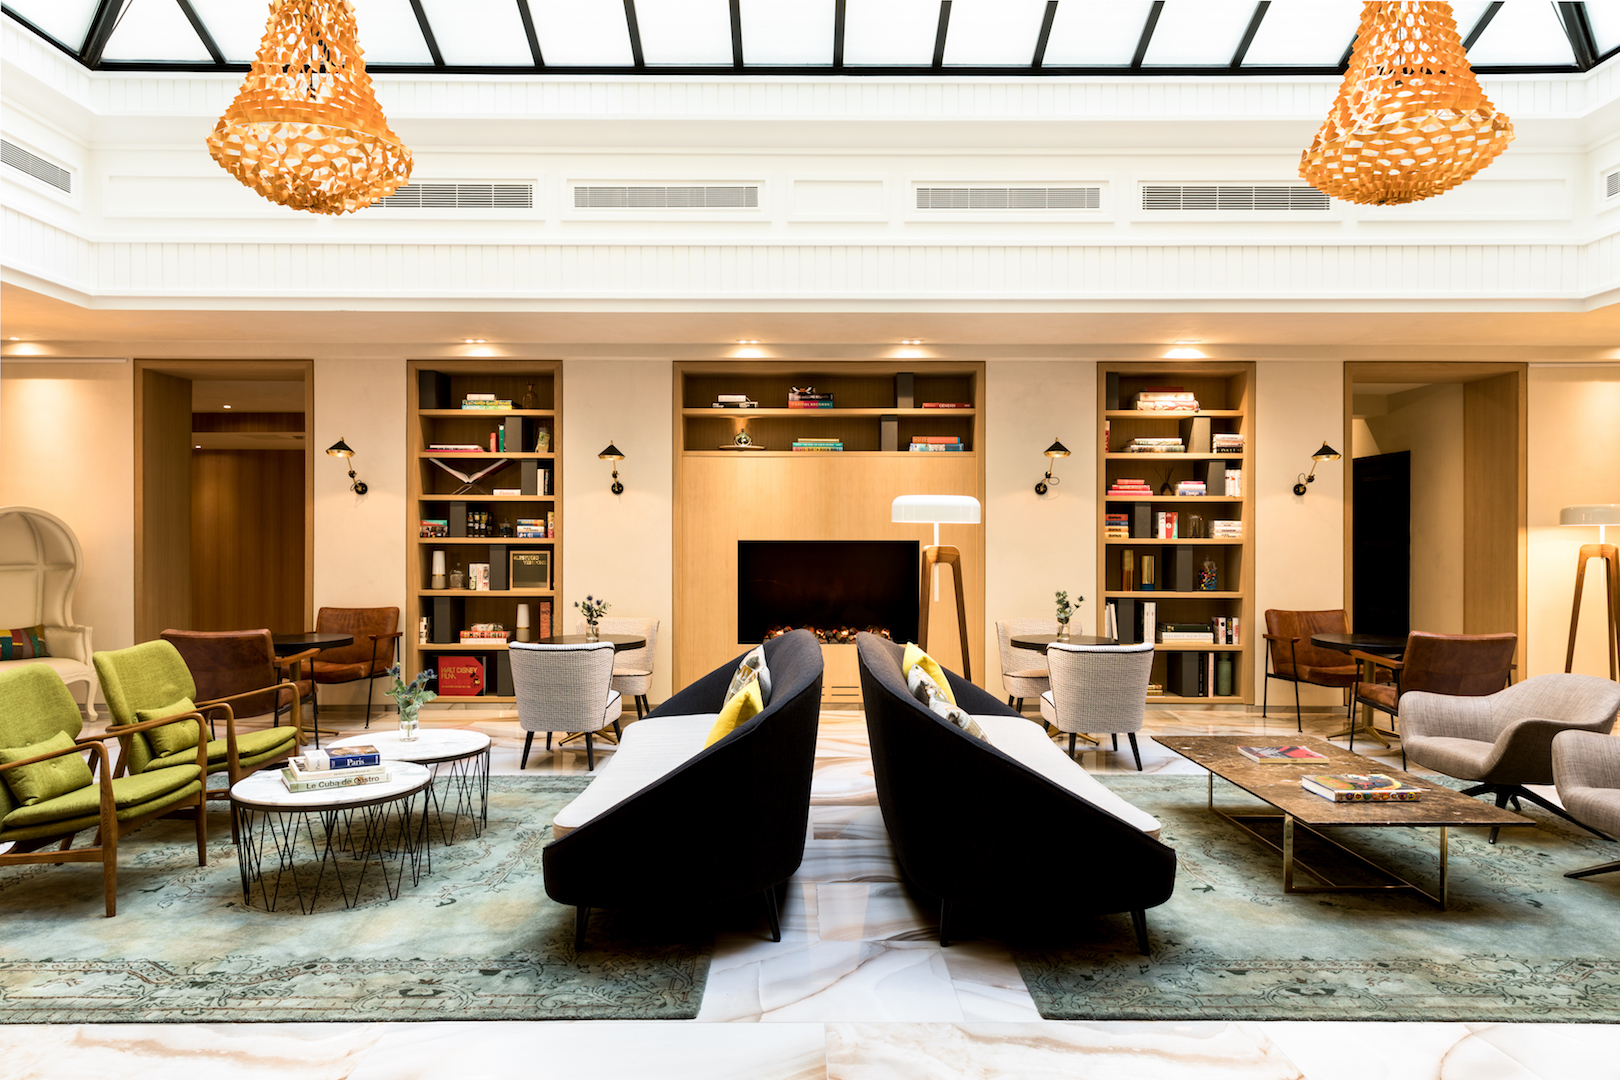 L 39 h tel renaissance paris vend me prend un tournant design for Design hotel paris 11